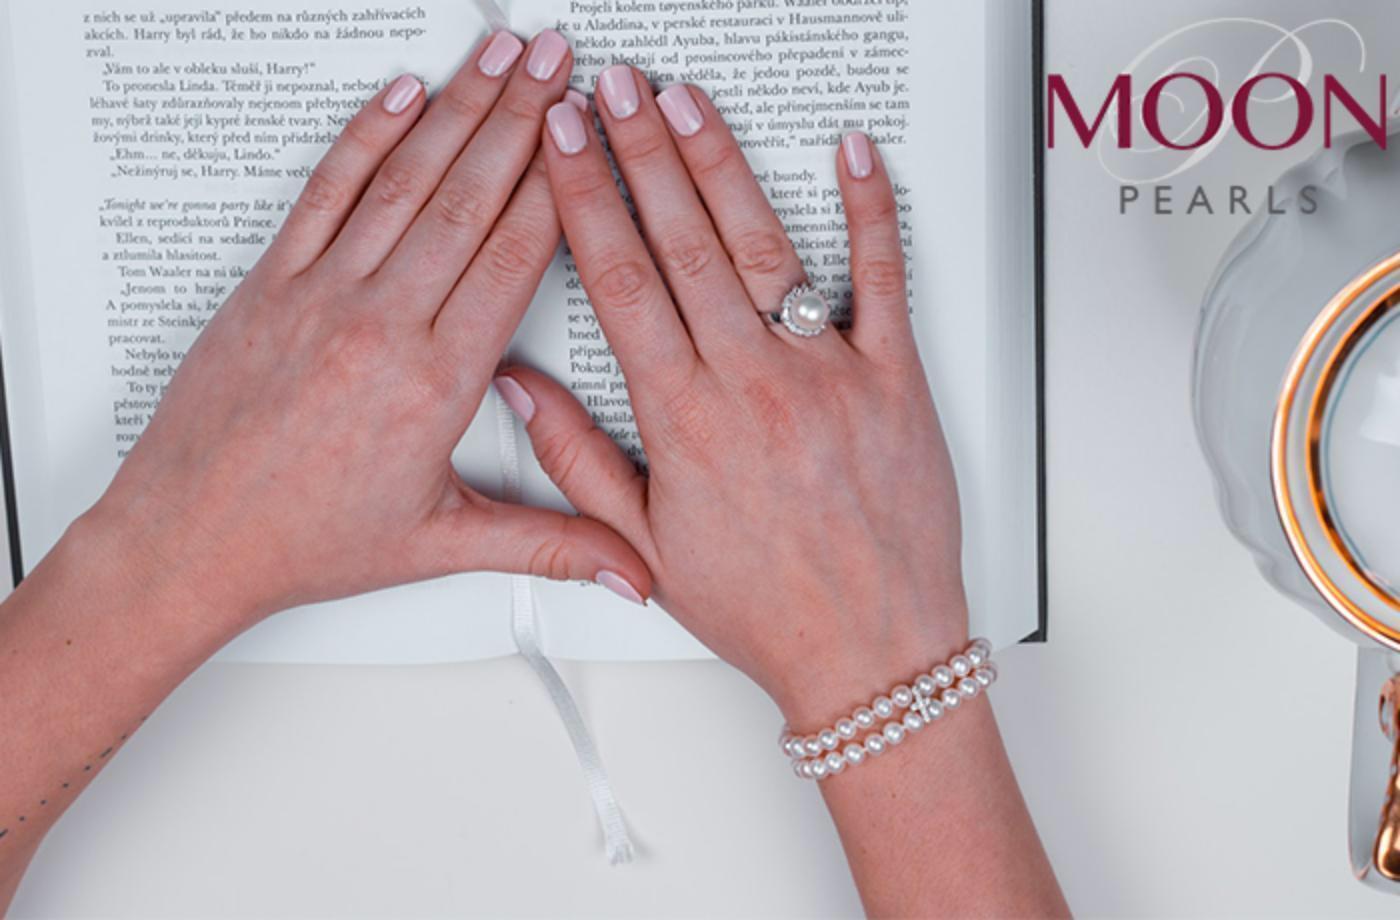 Rozdáváme krásu! Vyhrajte jeden ze tří luxusních šperků z pravých perel - www.moonpearls.cz